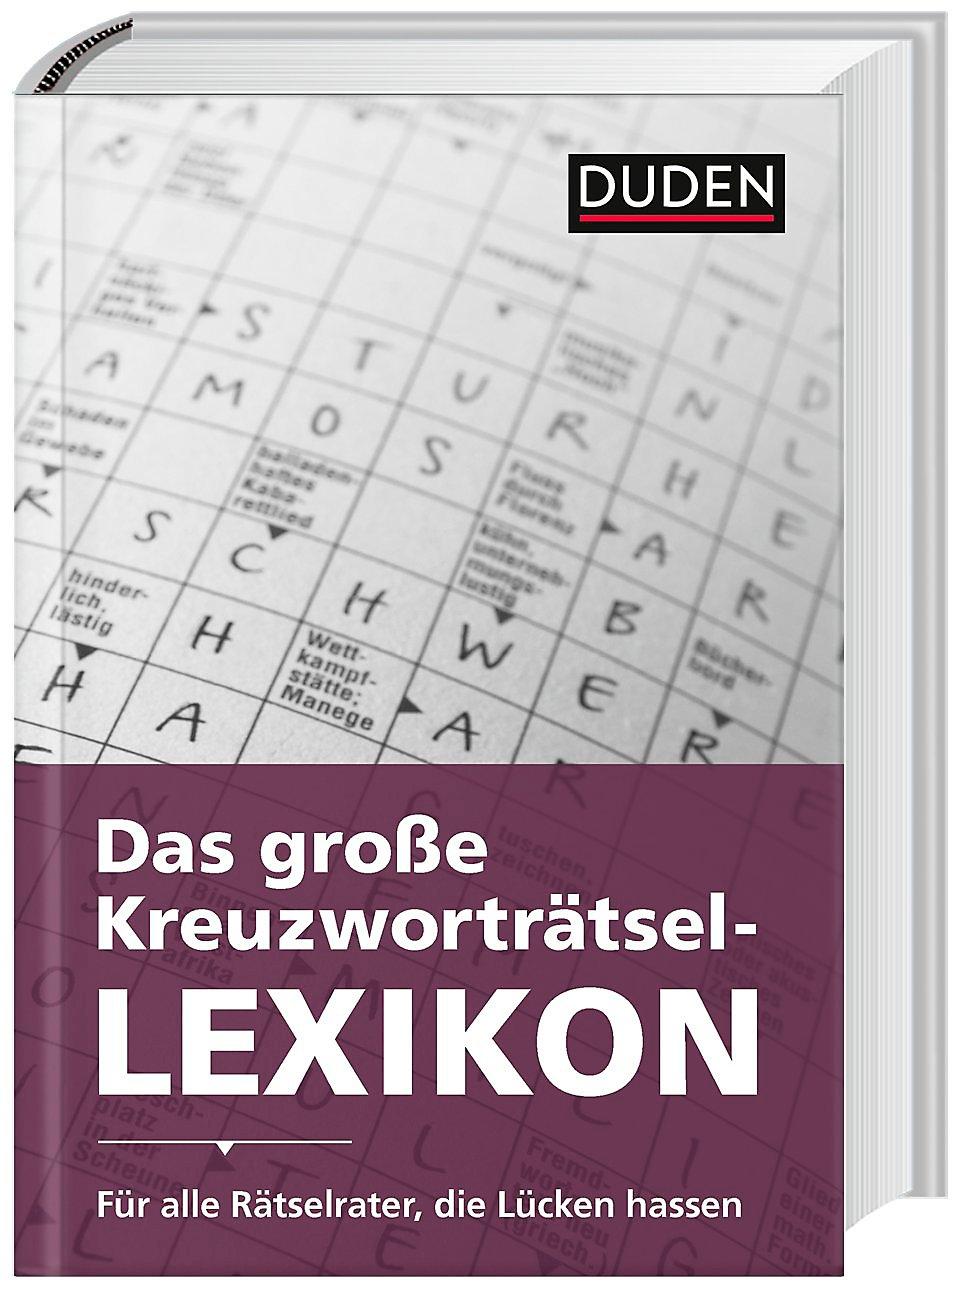 Weihnachten Duden.Duden Das Große Kreuzworträtsel Lexikon Buch Portofrei